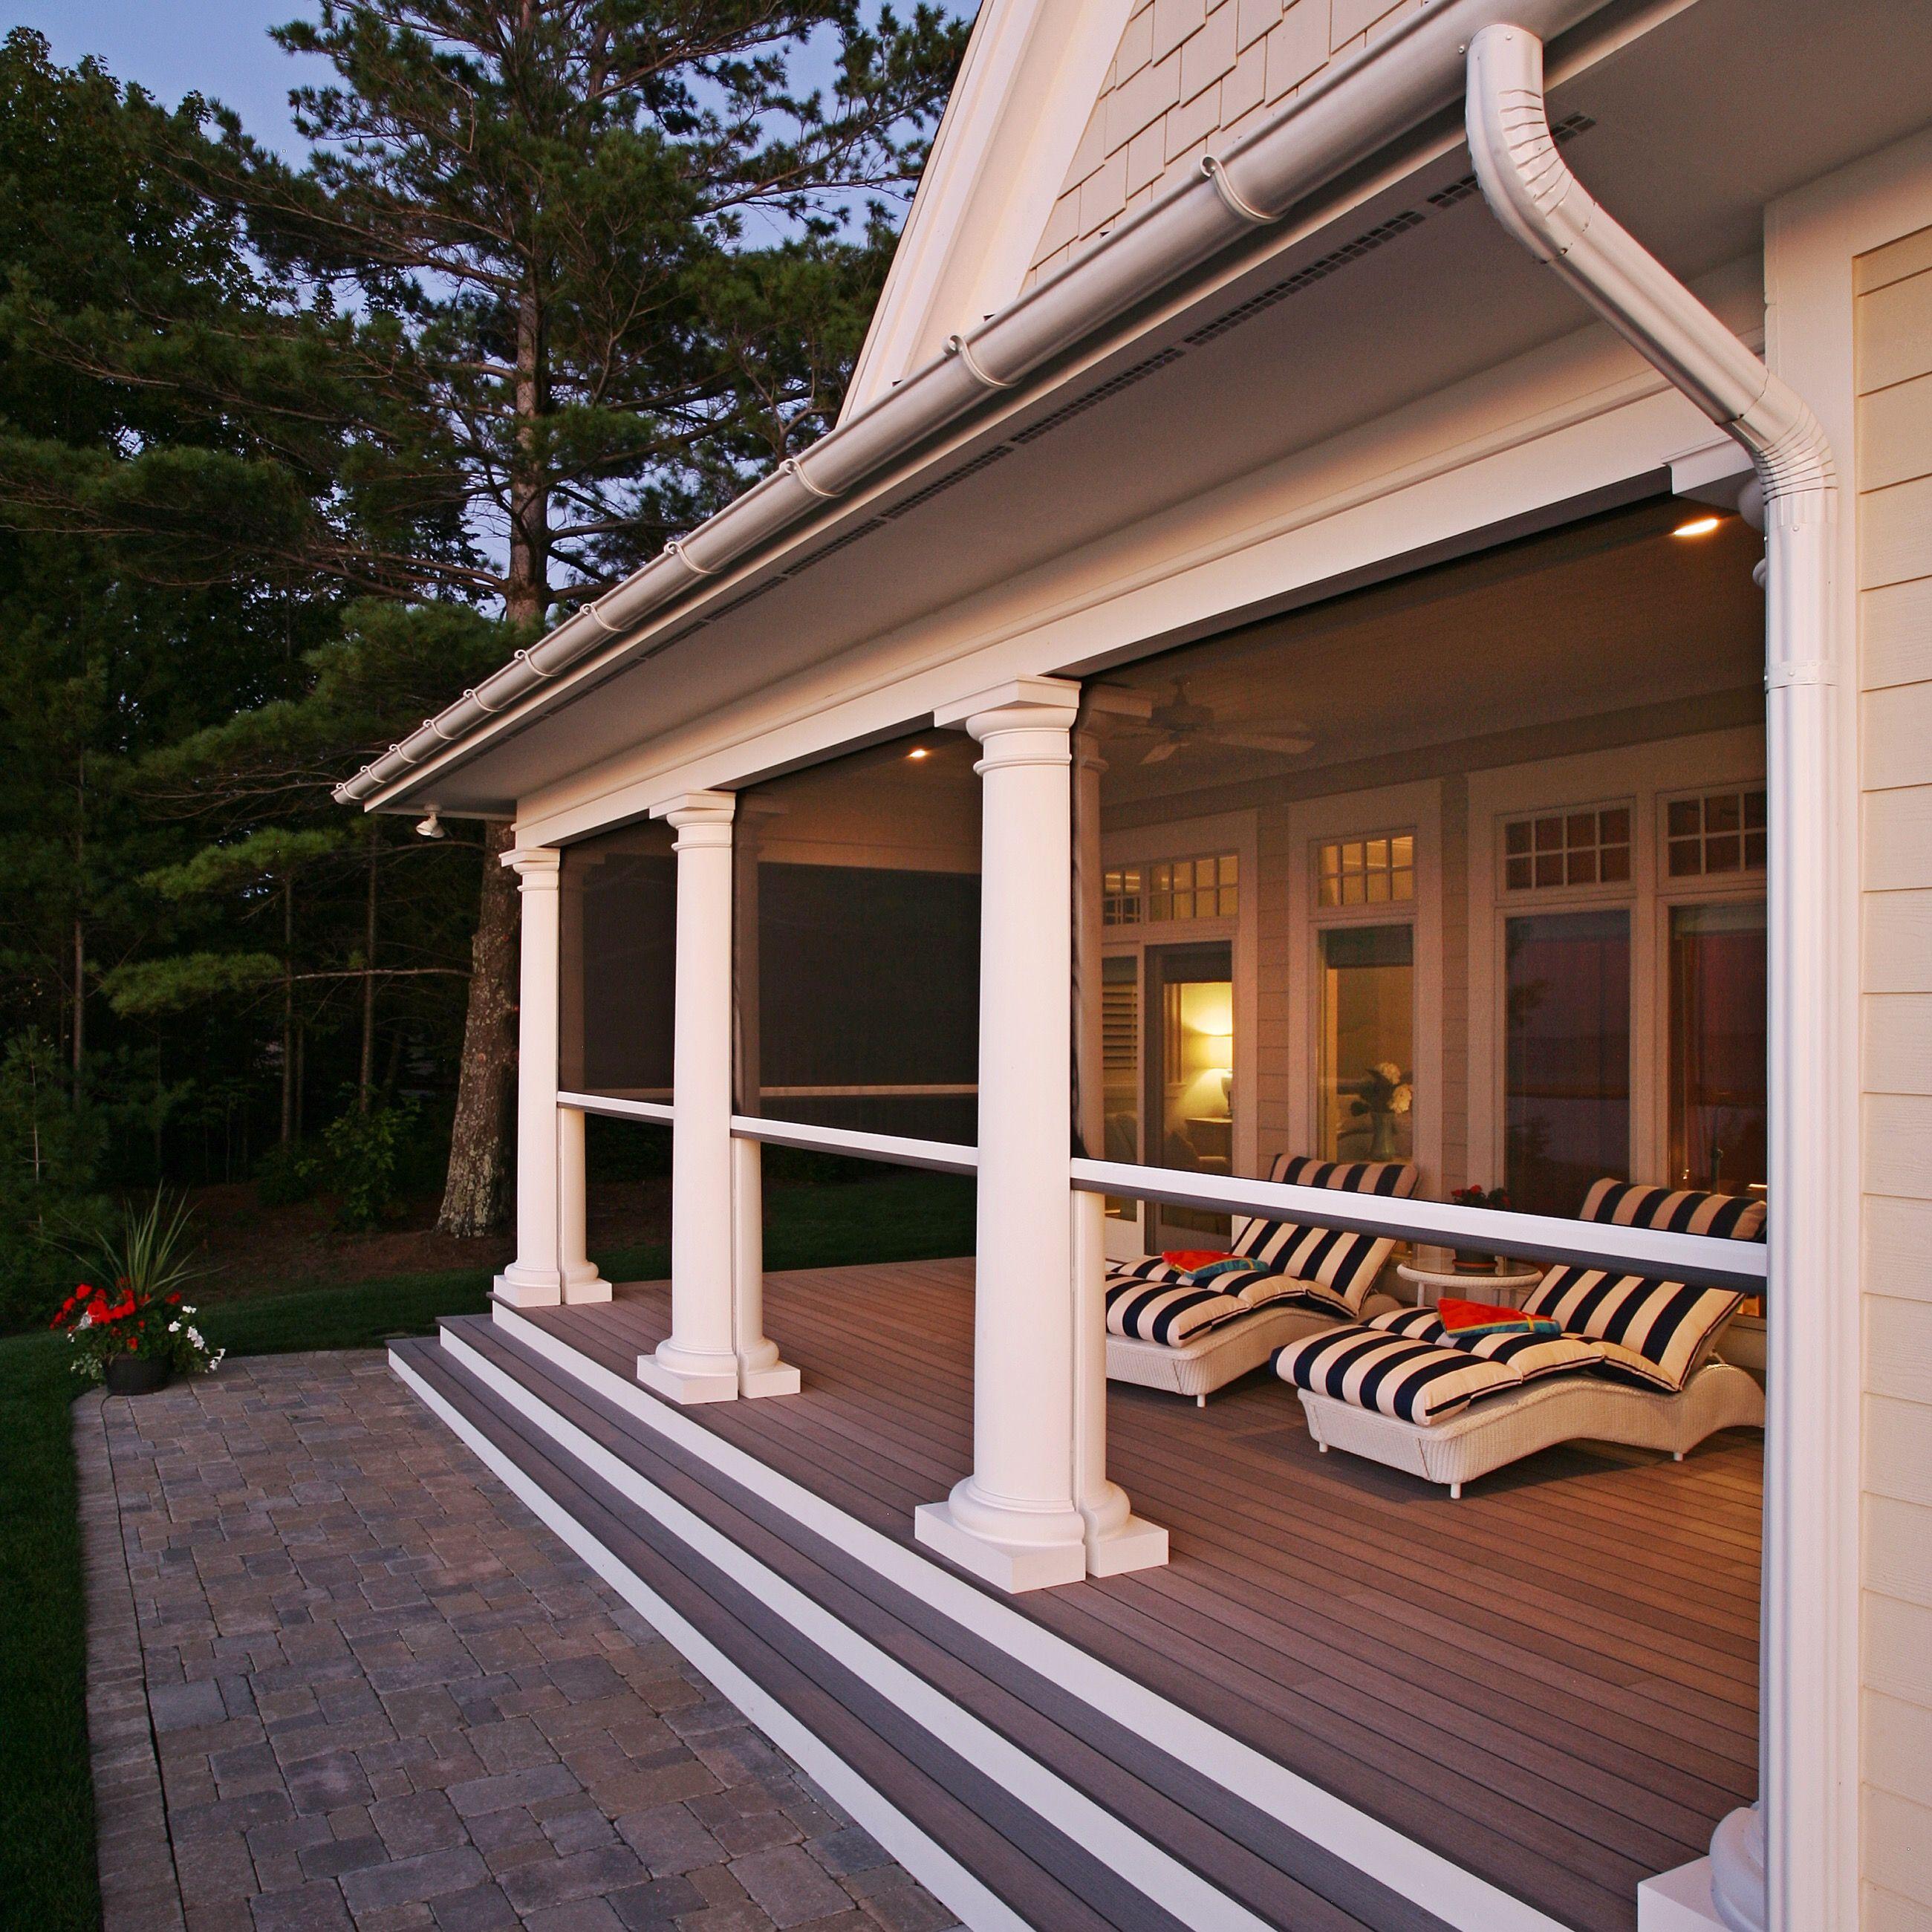 Award winning lakemichigan lakefront retreat designed by